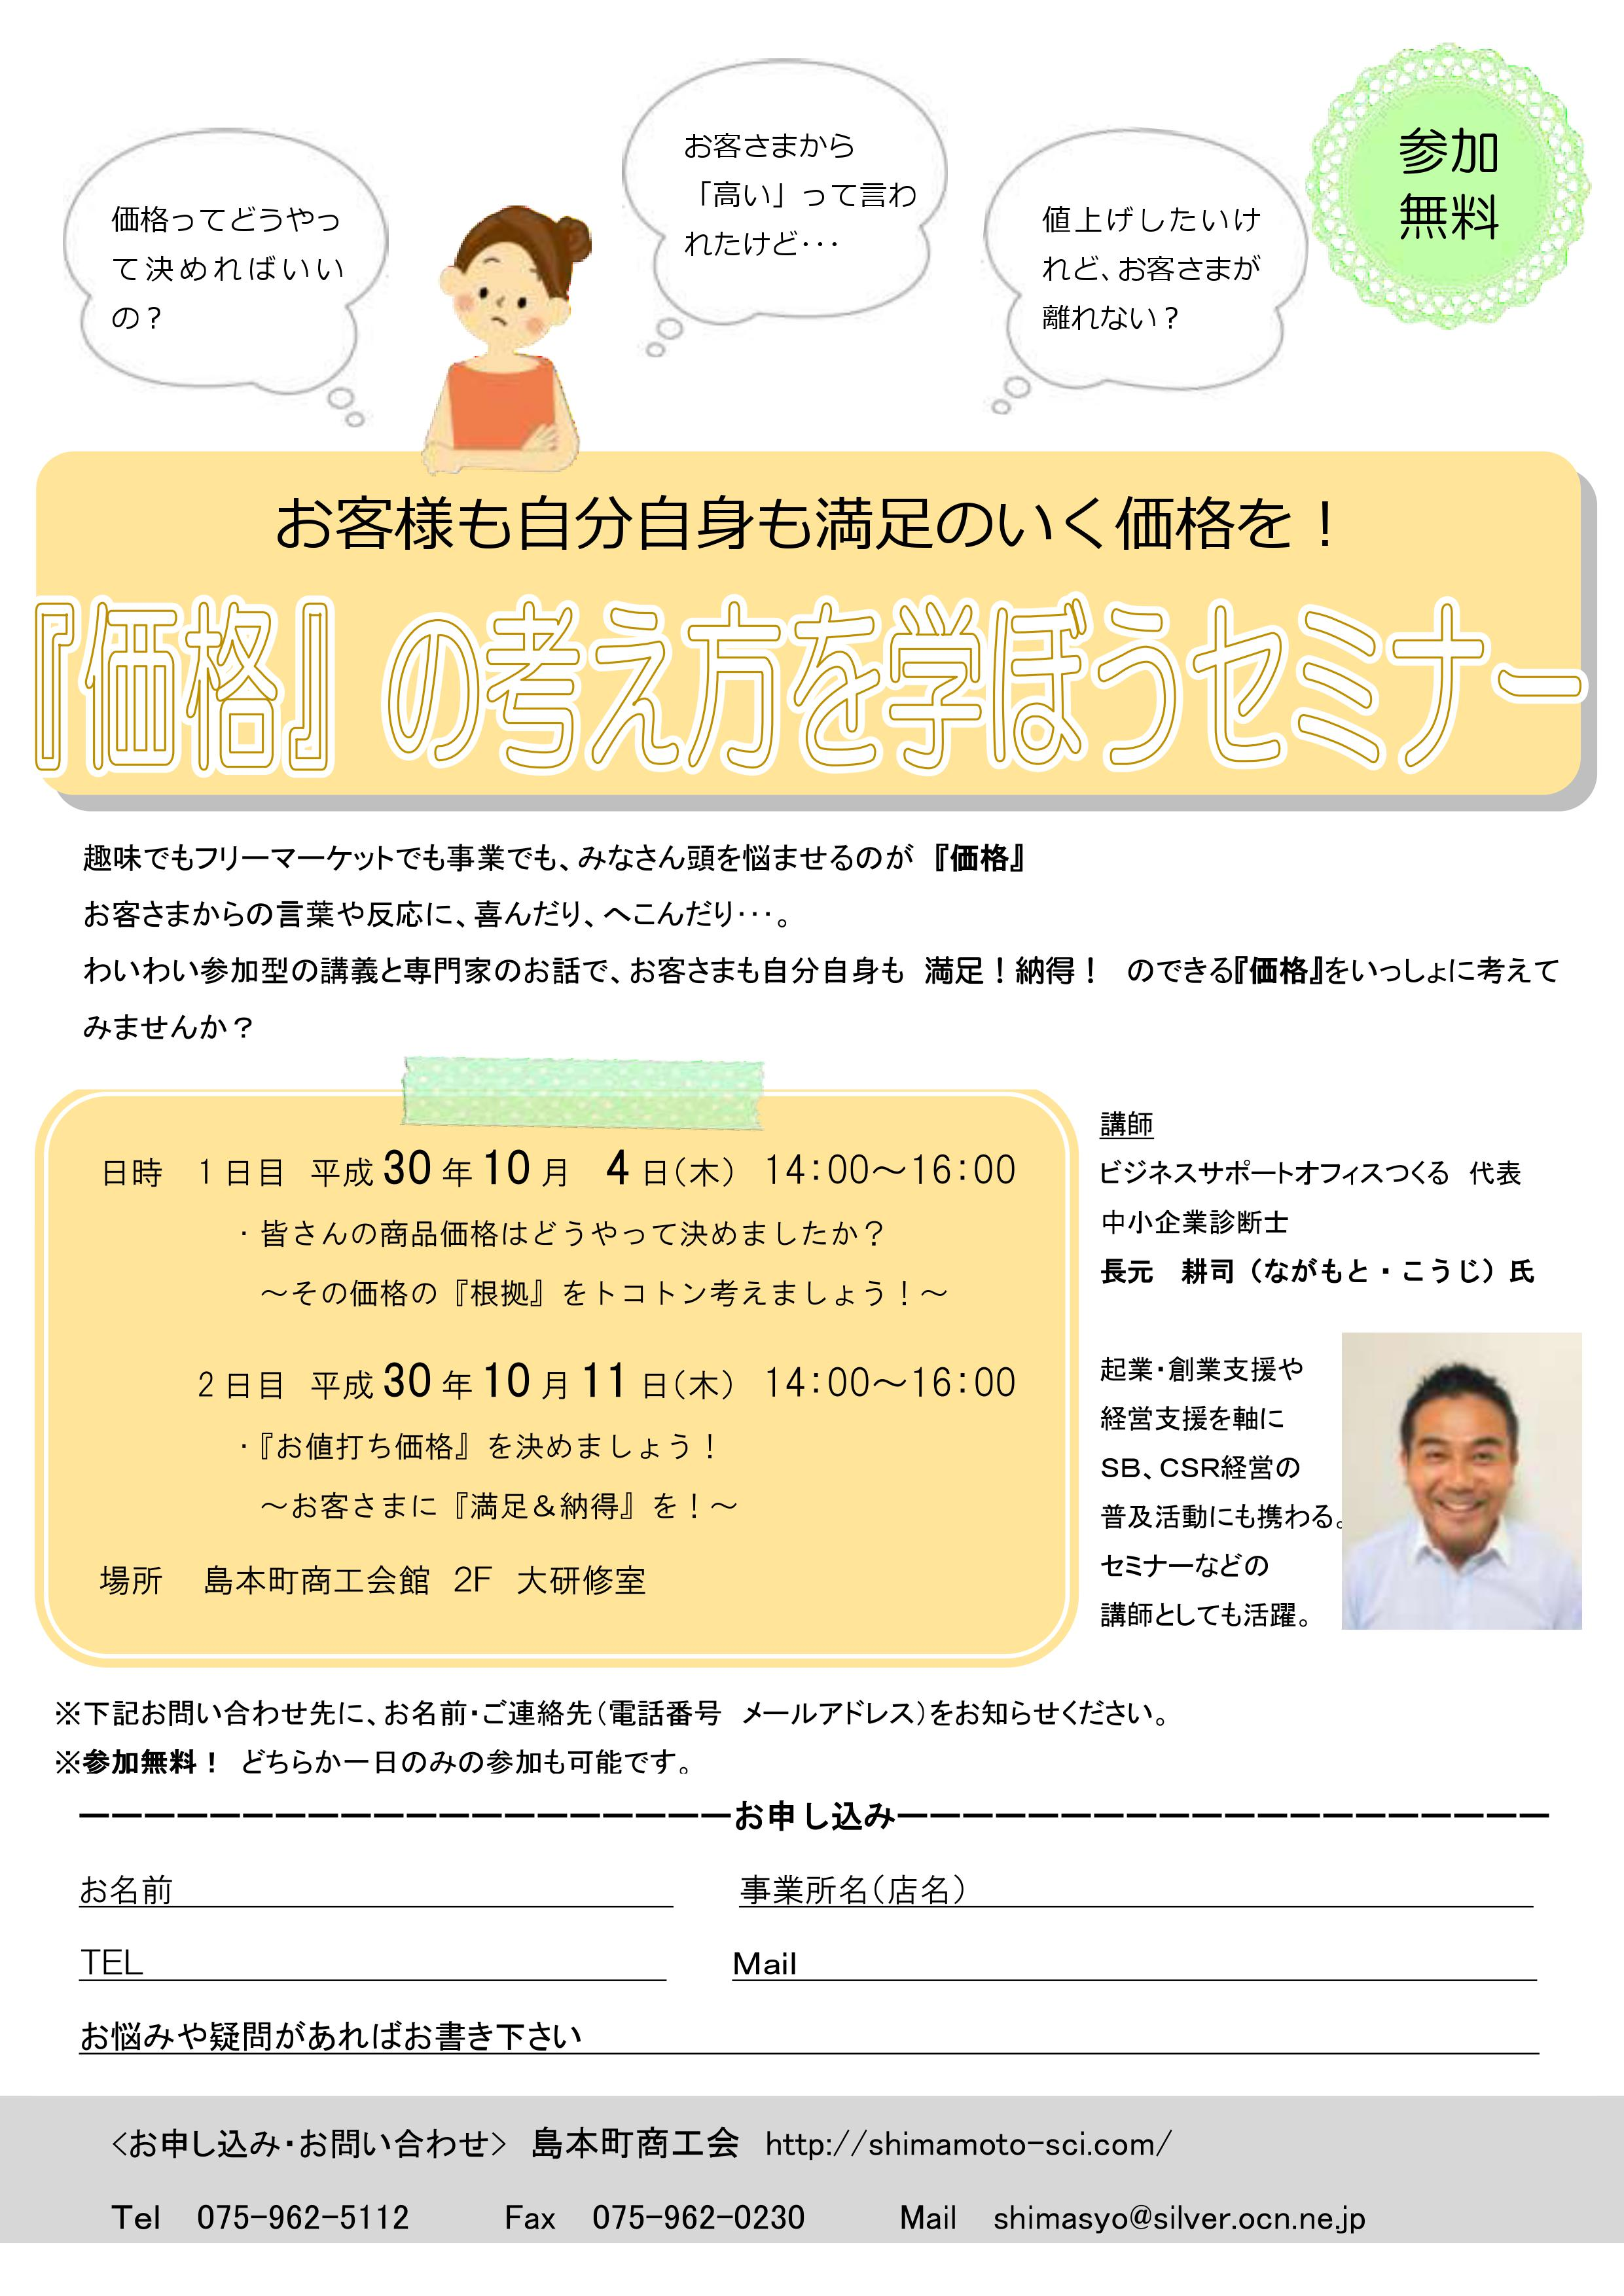 301004-11長元先生セミナー